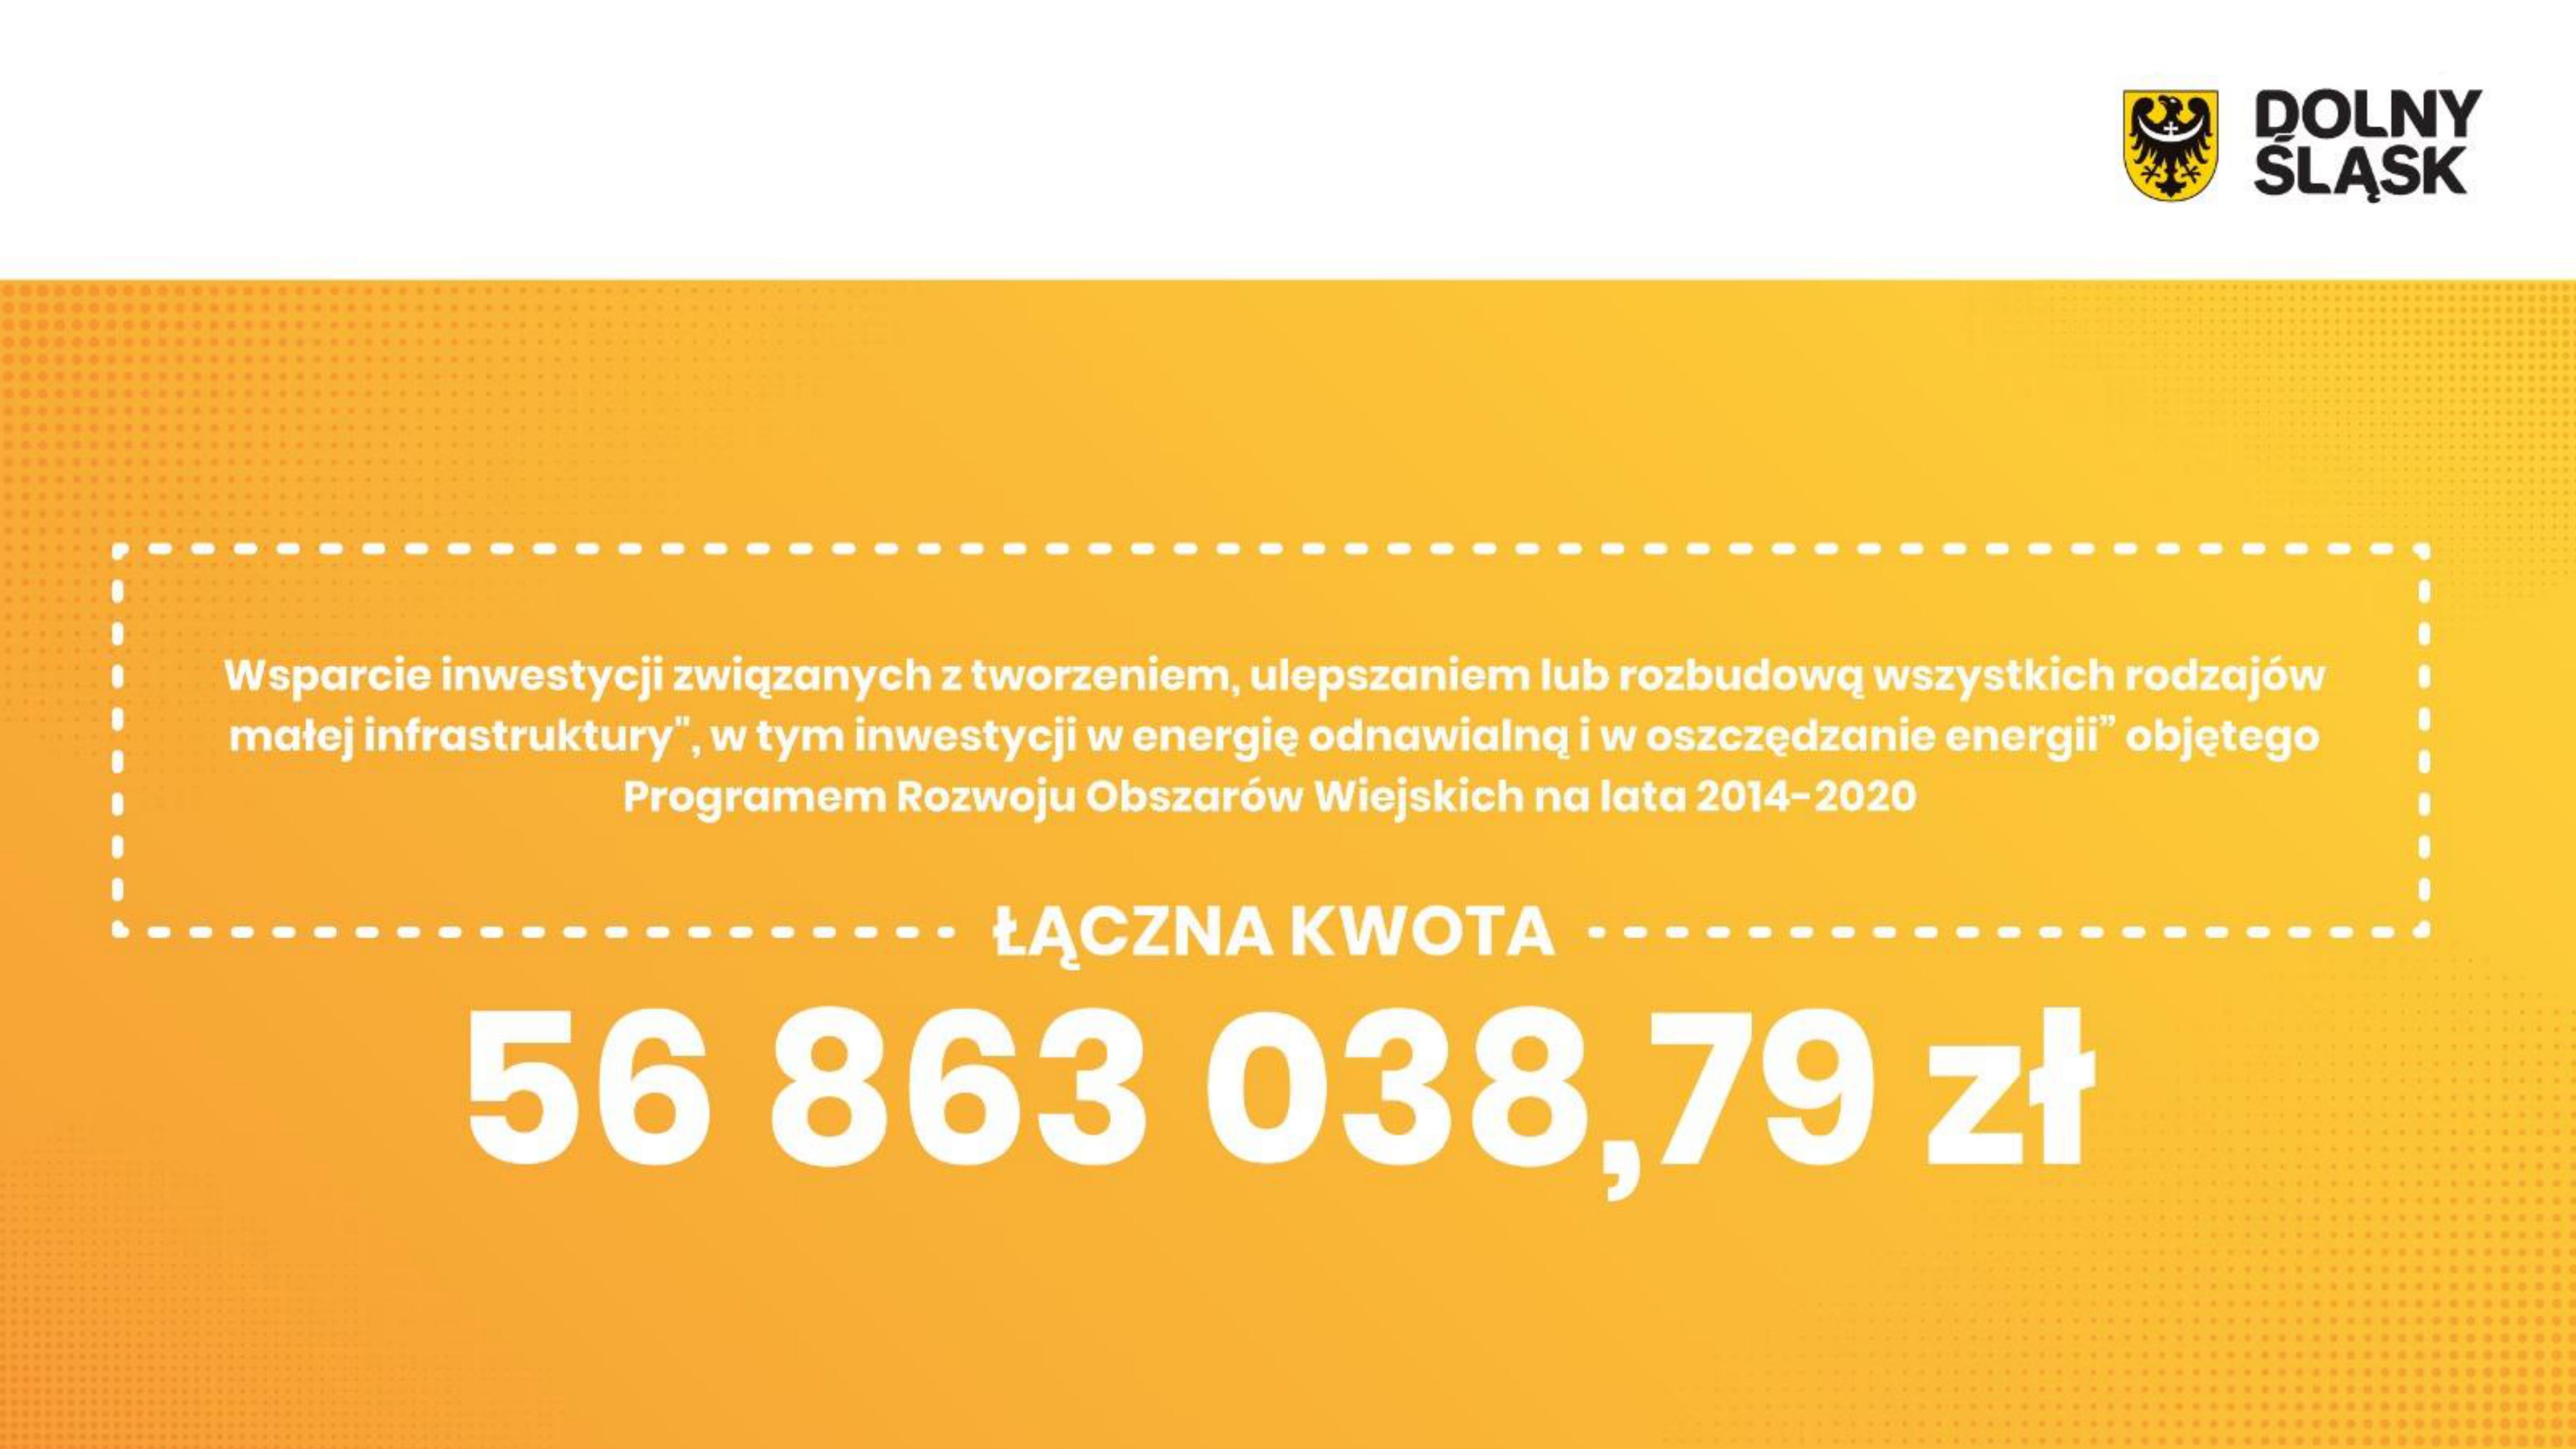 57 mln zł na gospodarkę wodno-ściekową (fot. umwd.dolnyslask.pl)